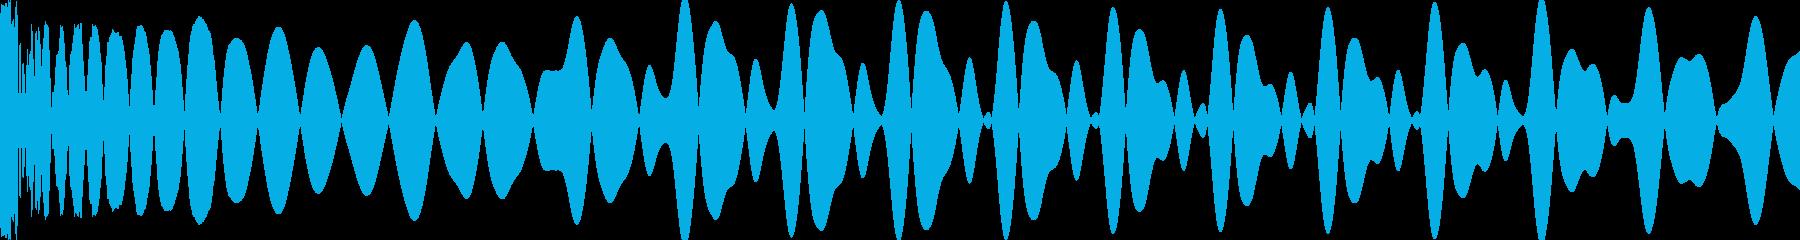 キー入り【E】ダンスミュージック用キックの再生済みの波形